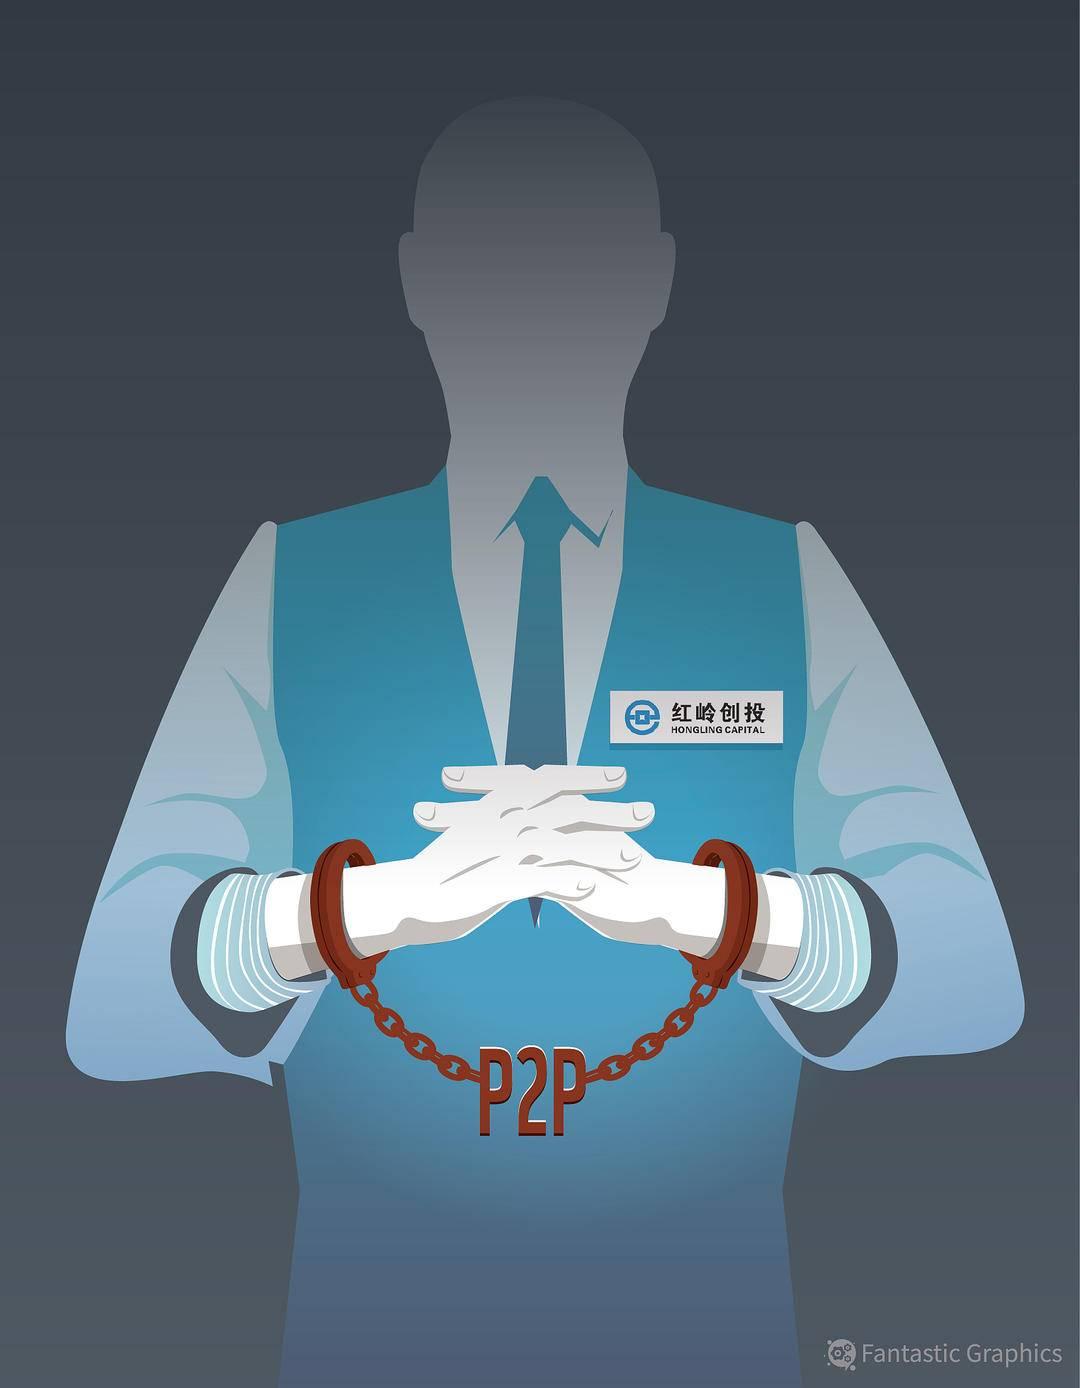 5000亿元级P2P平台被立案调查!兑付不到两成,投资人怎么办?